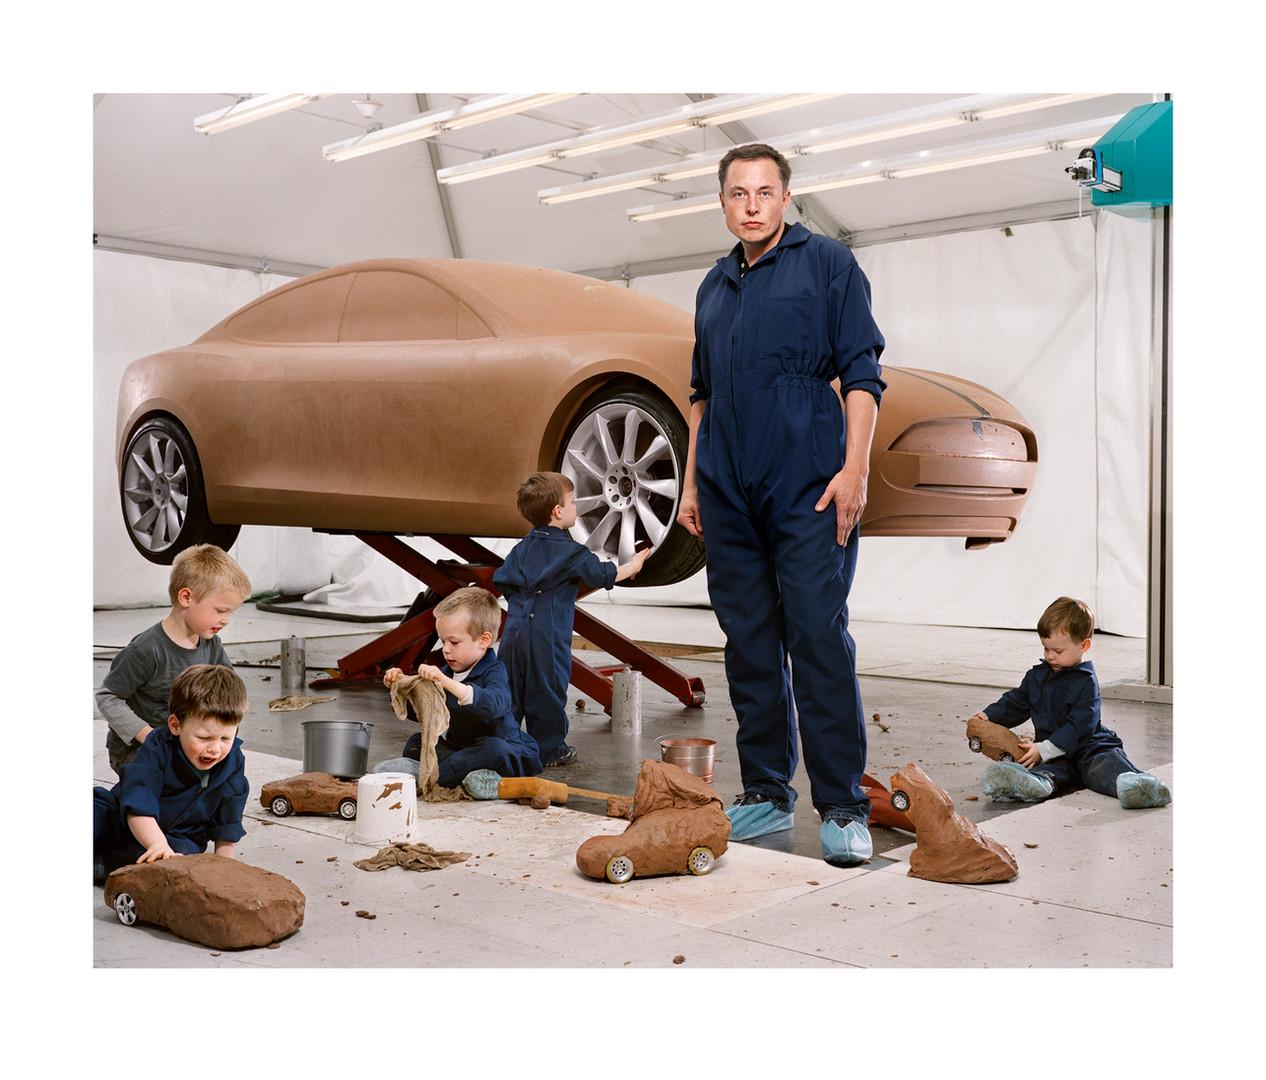 伊隆·马斯克和儿子们,加利福尼亚州,霍桑 | 来自系列作品《肖像》| 马丁·舍勒 | 2009